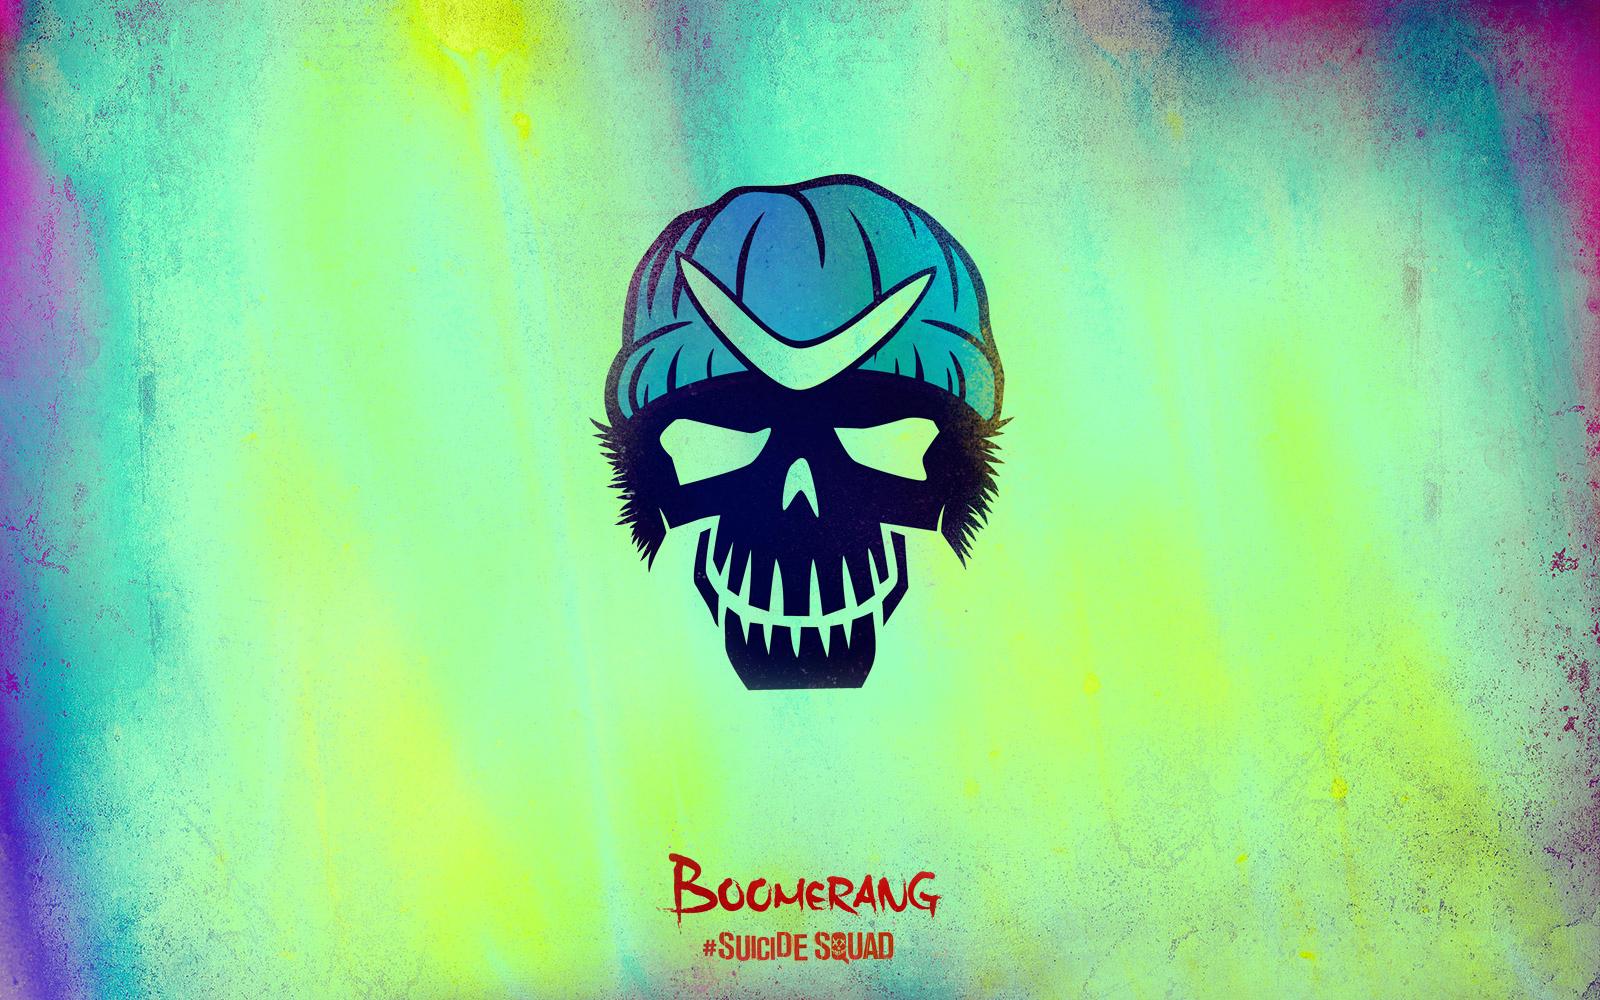 Suicide Squad Skull 壁紙 Boomerang Suicide Squad 壁紙